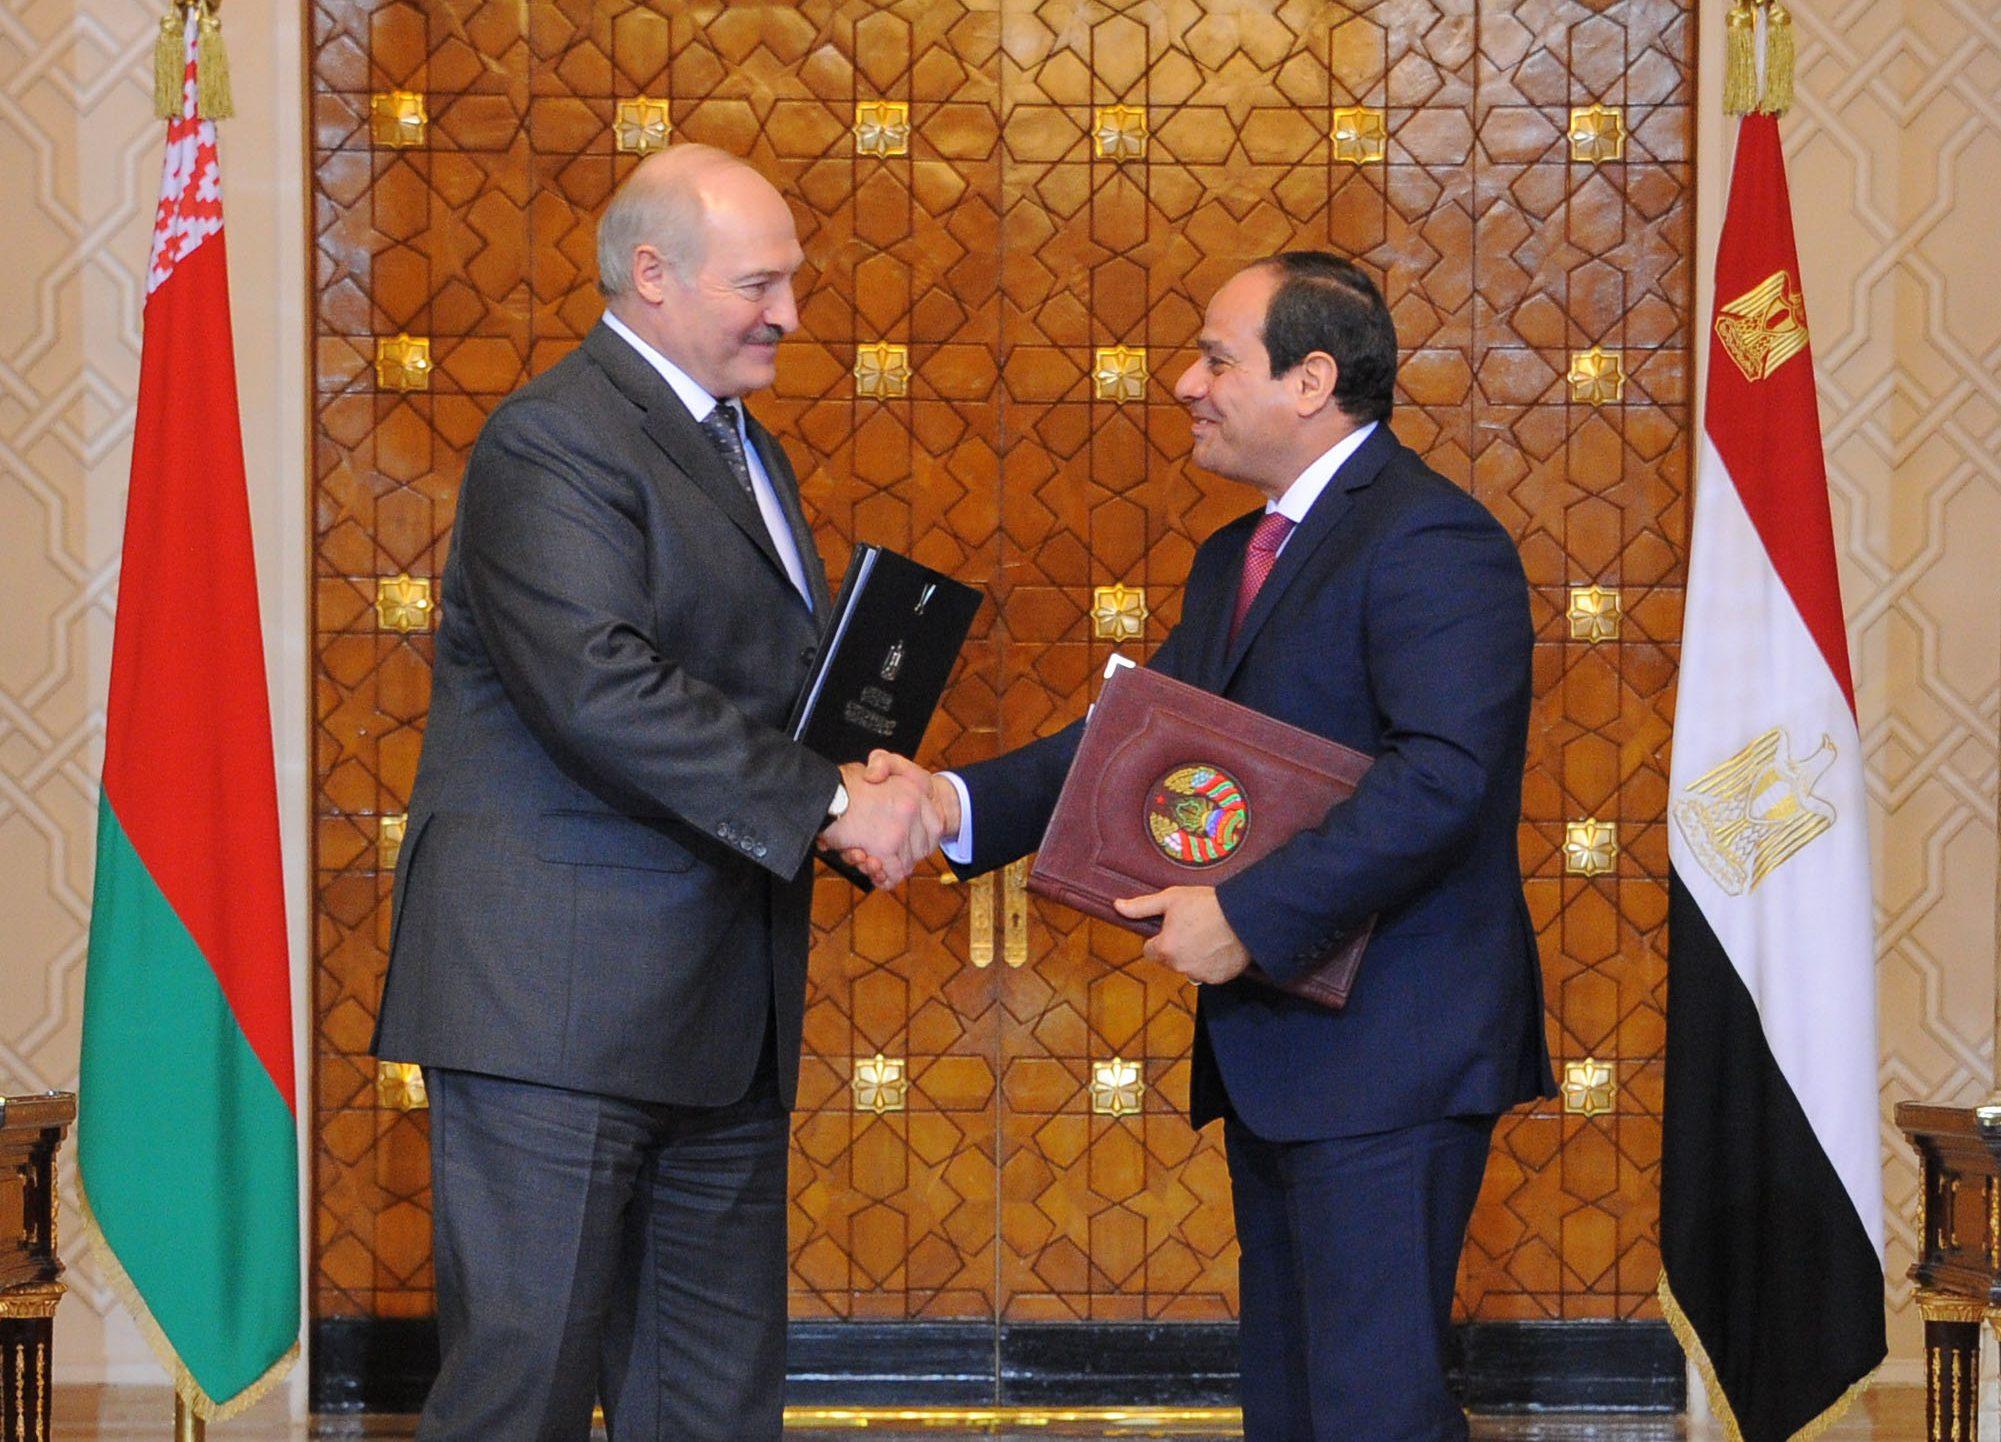 الرئيس السيسي ونظيرة البيلاروسي يشهدان مراسم توقيع 4 اتفاقيات تفاهم بين البلدين